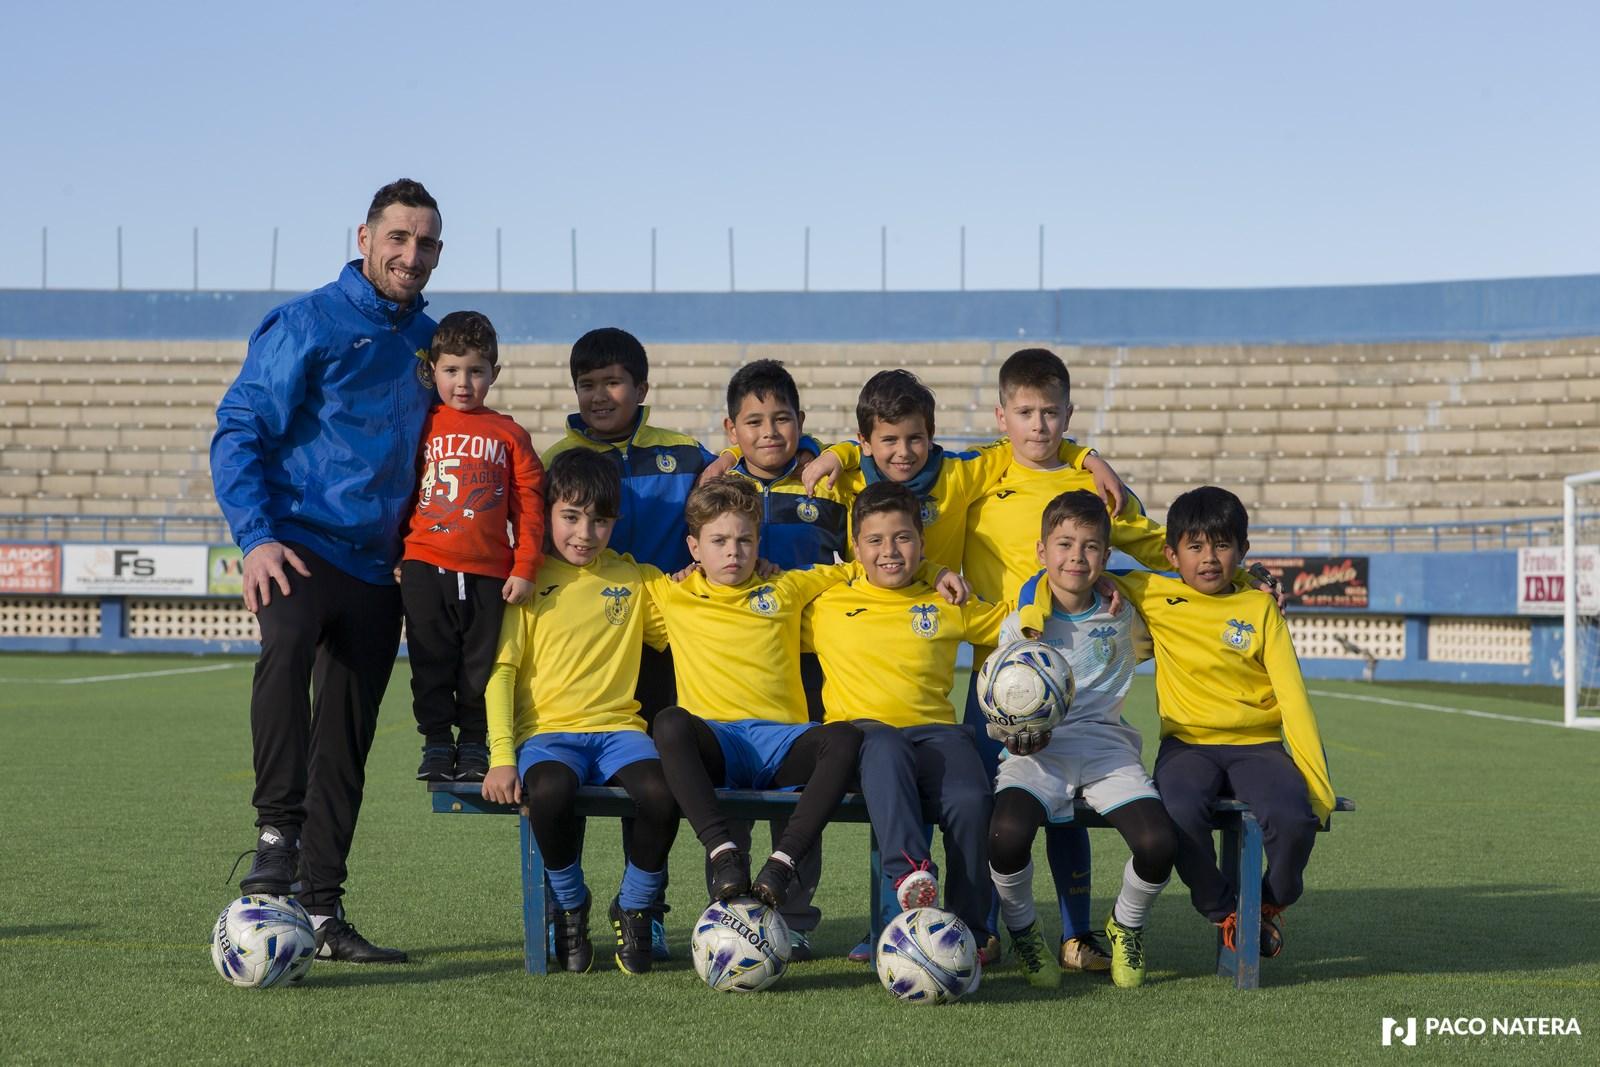 Ramiro es el entrenador del benjamín del Rápid, equipo con el que posa en Can Misses.